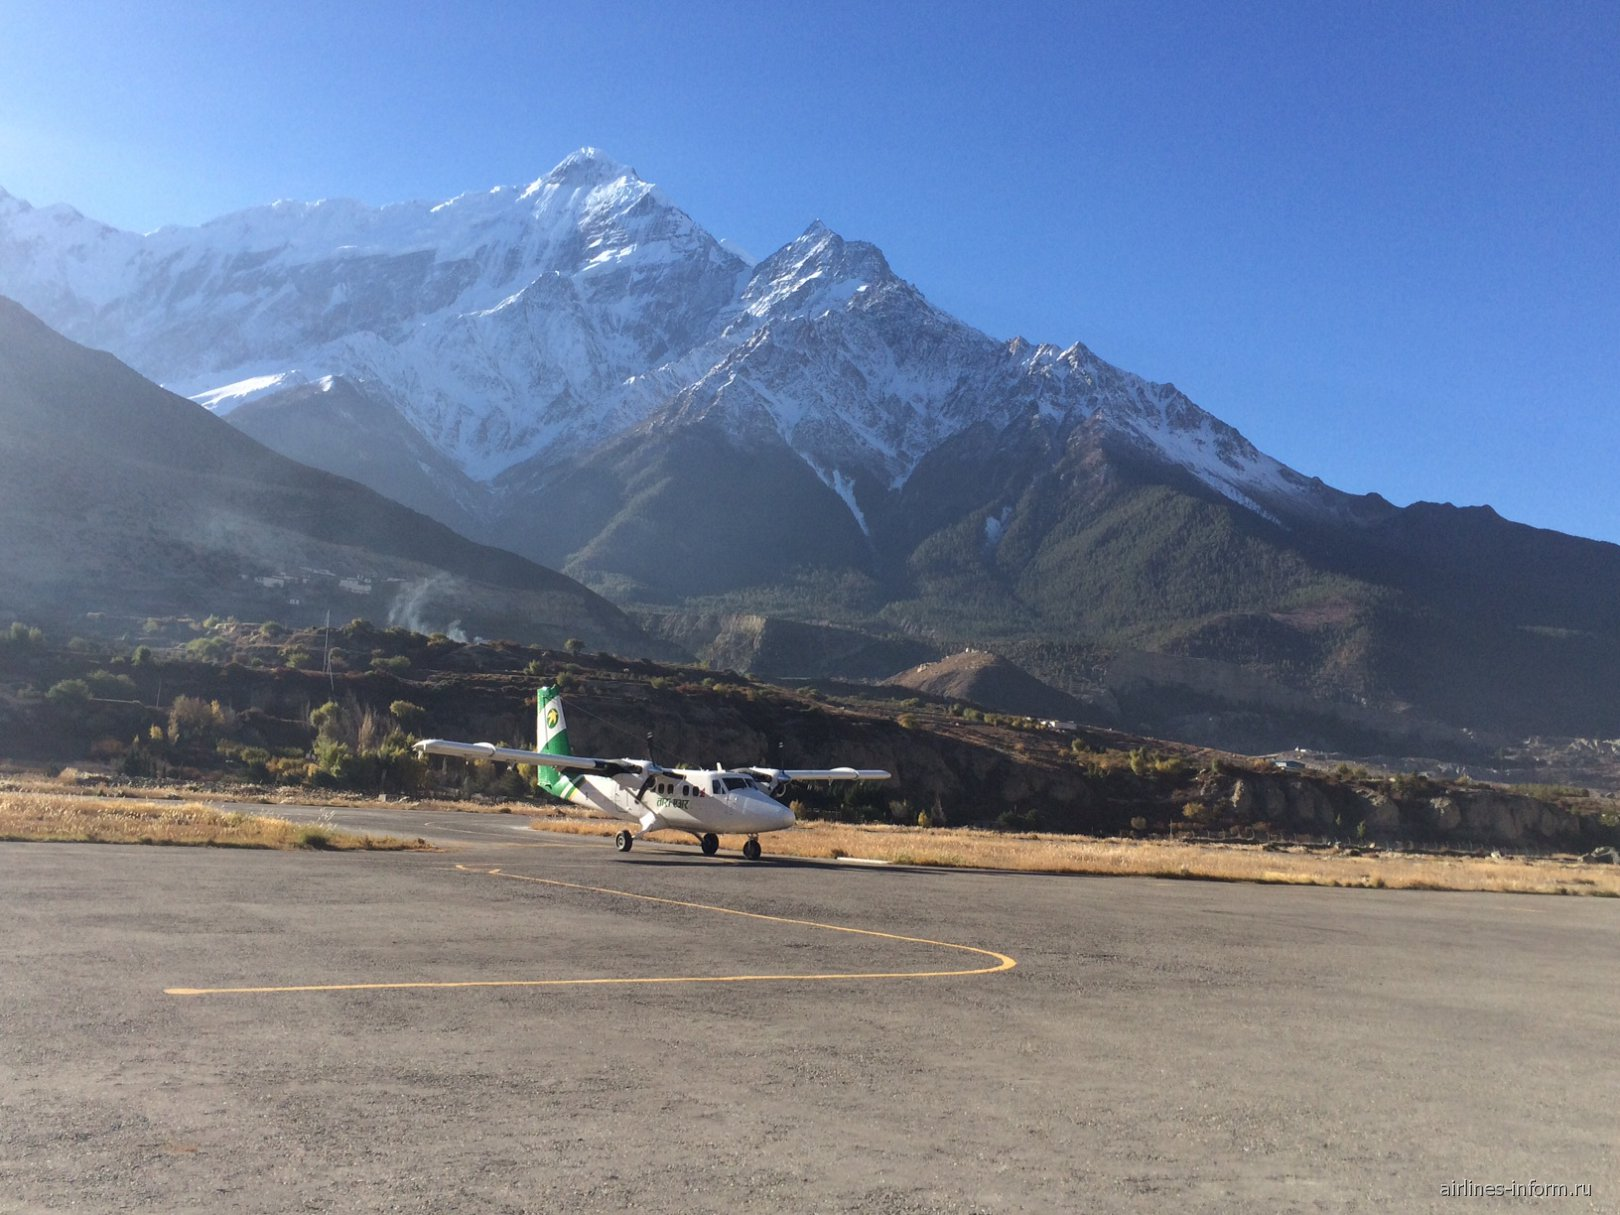 Летное поле аэропорта Джомсом в Непале